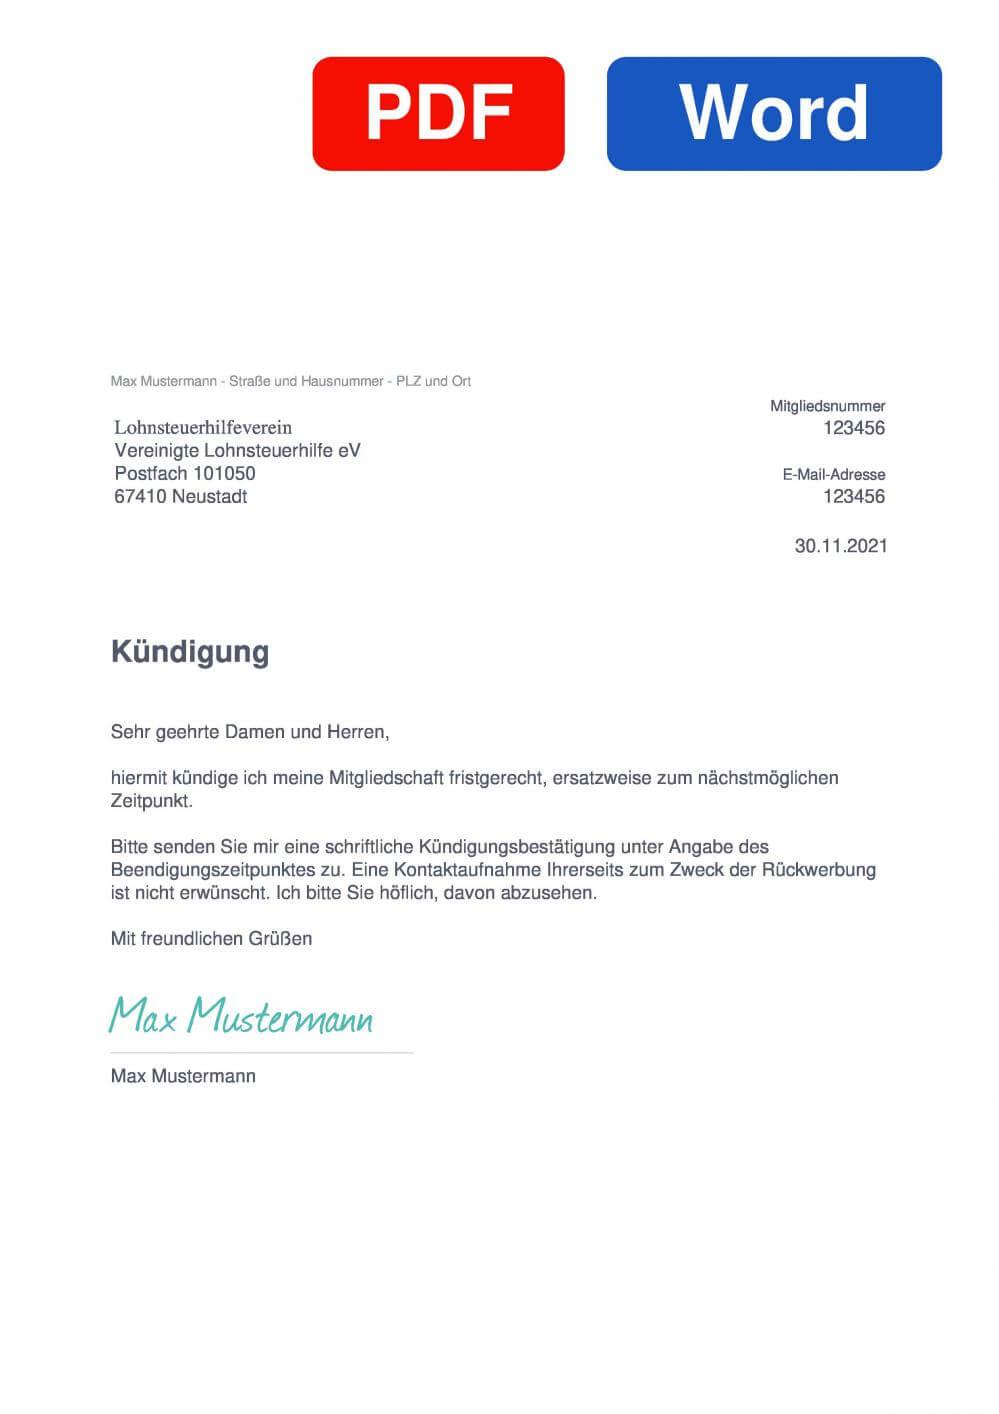 Lohnsteuerhilfeverein VLH Muster Vorlage für Kündigungsschreiben